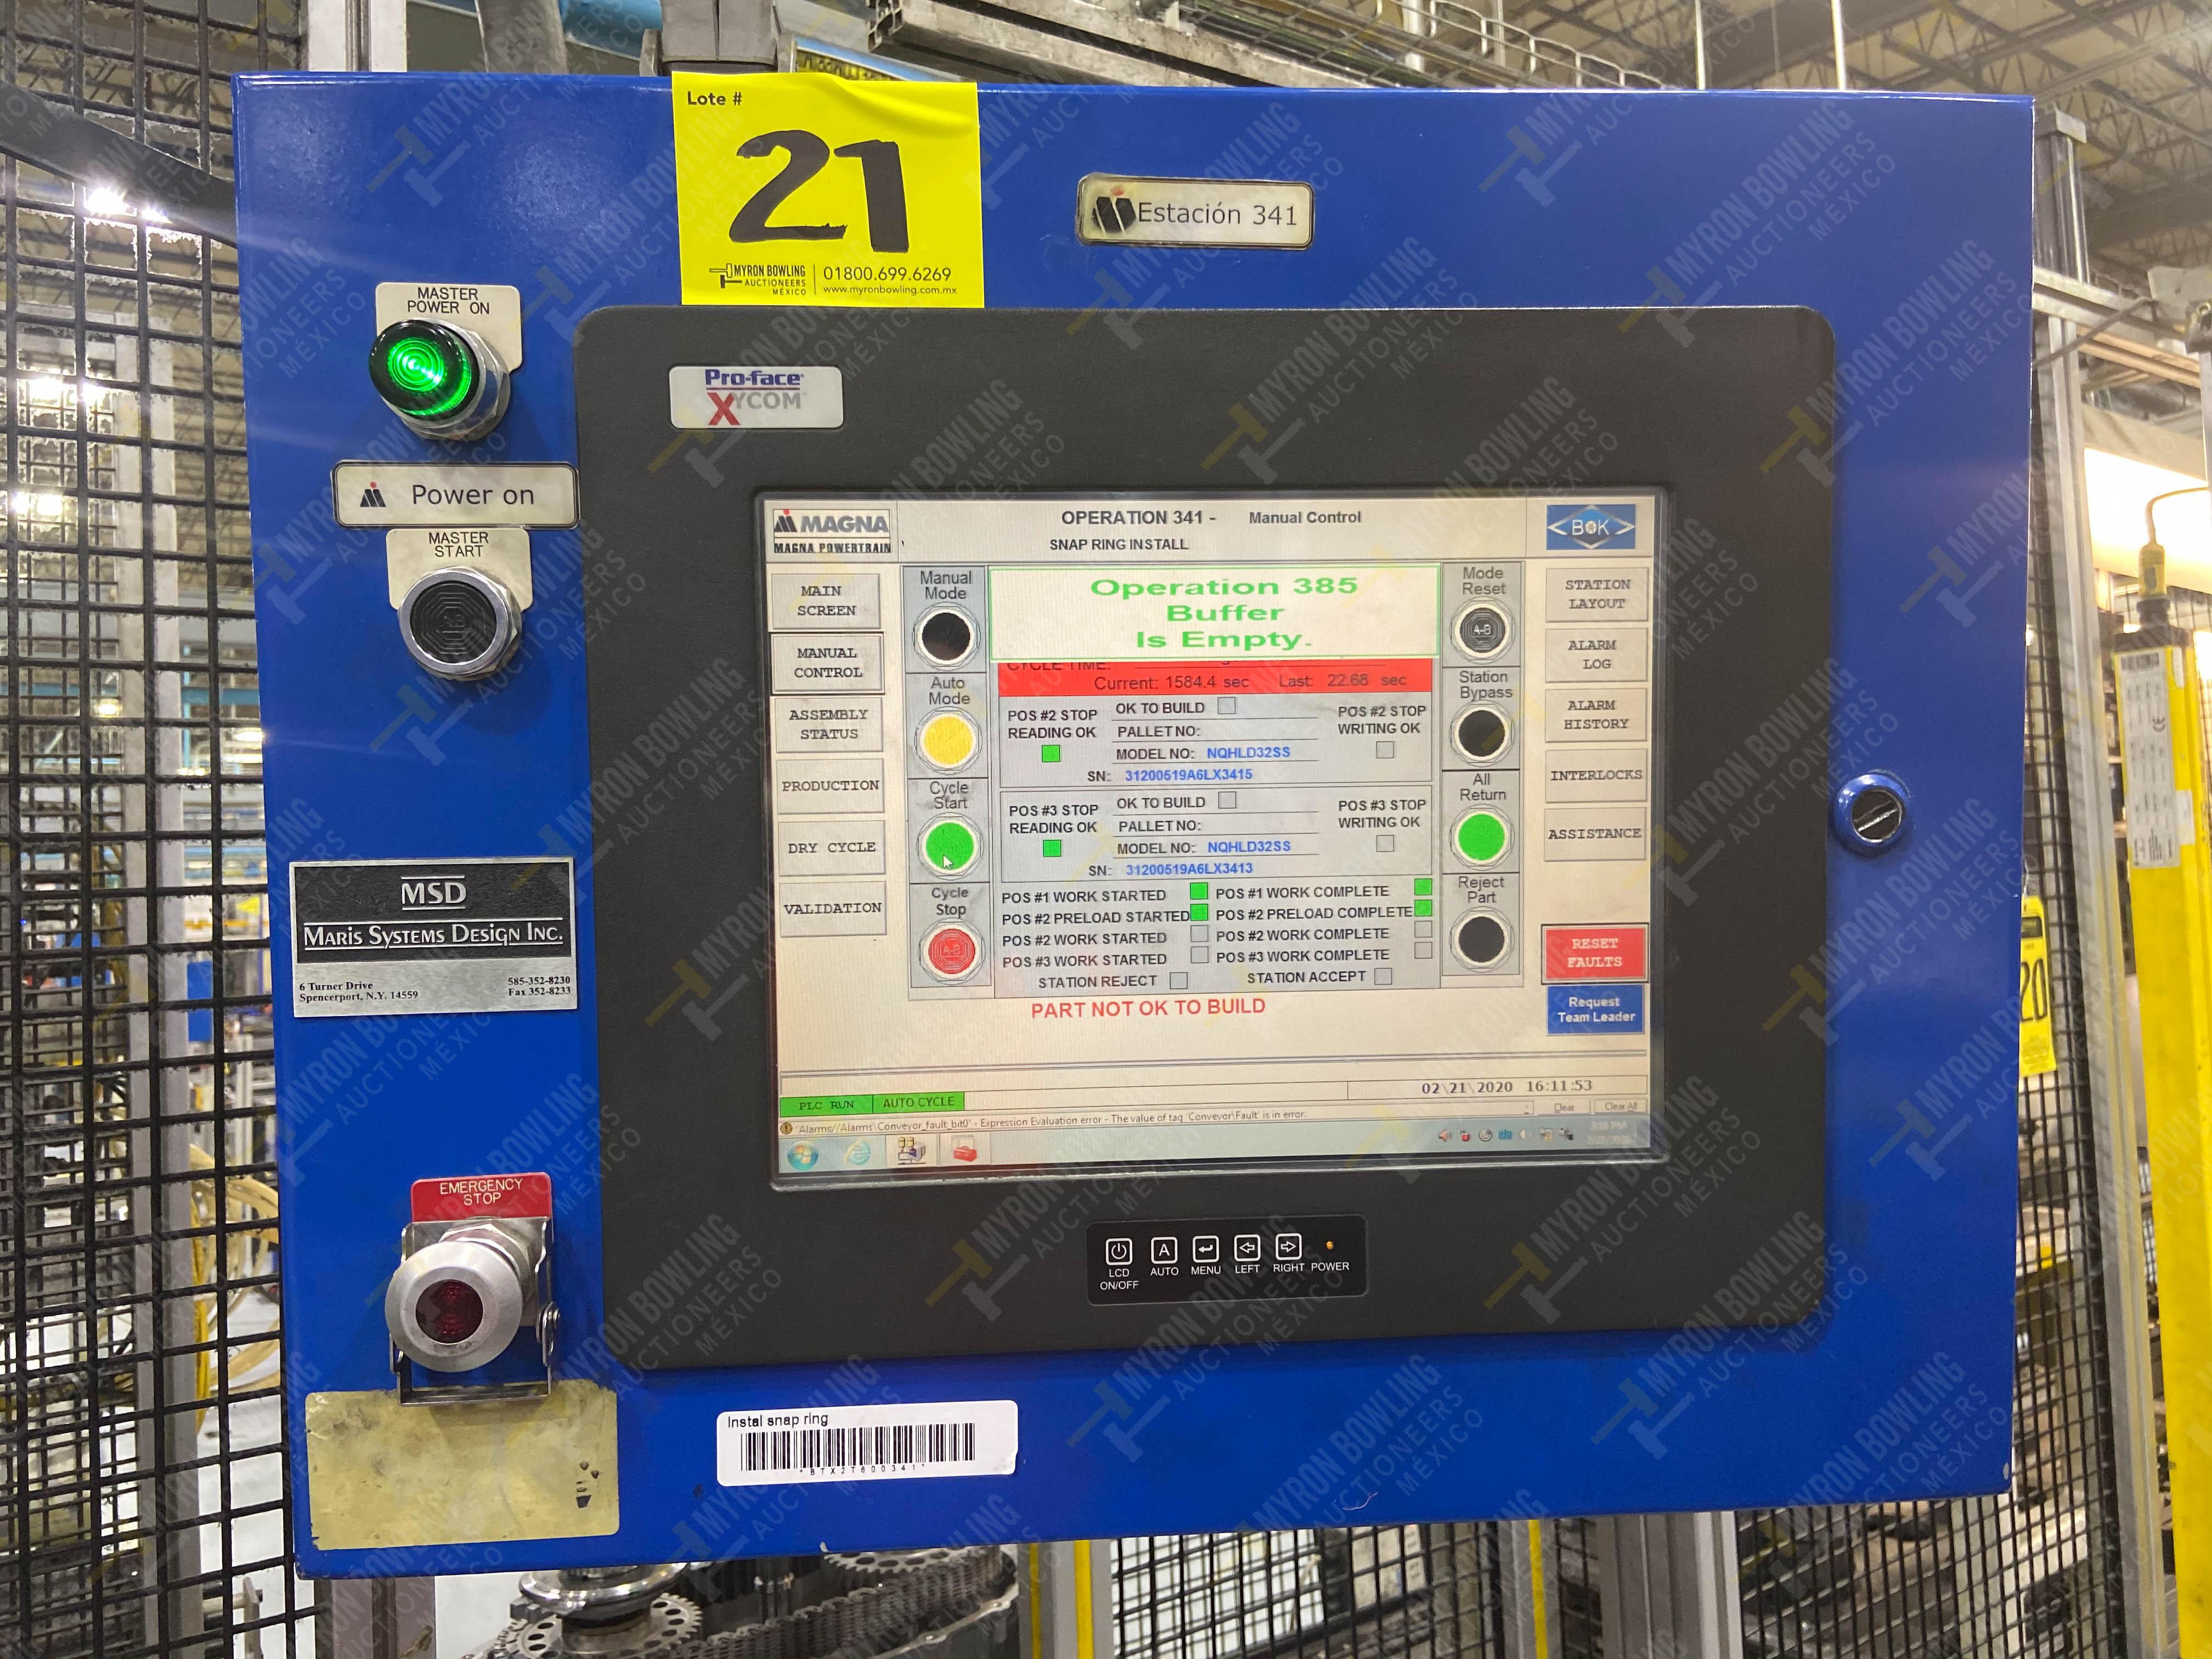 Estación semiautomática para operación 341, contiene: Prensa en estructura de placa de acero - Image 22 of 26